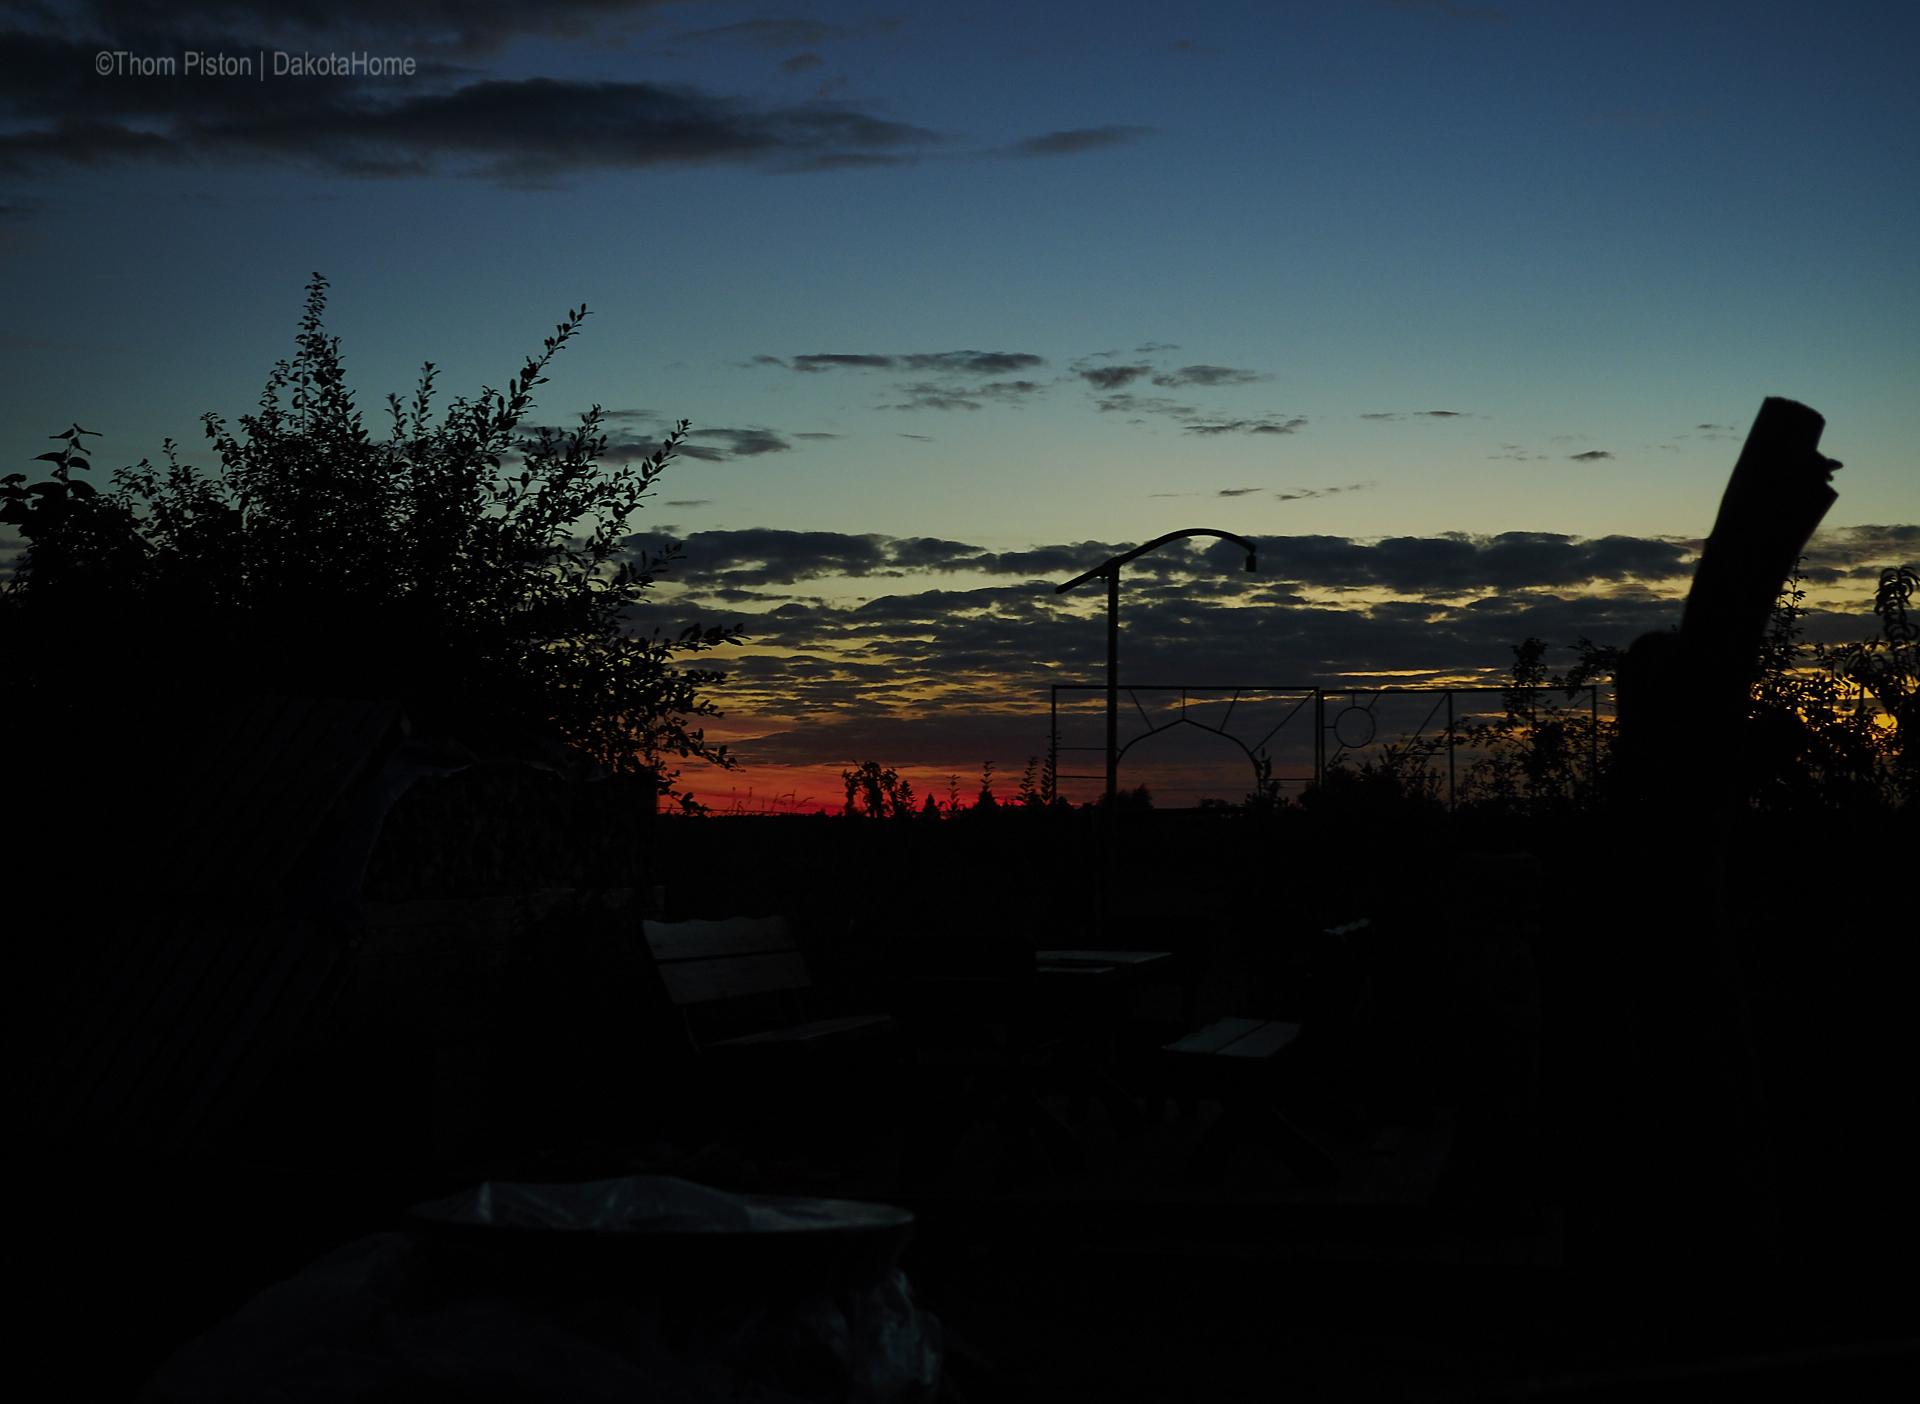 Sonnenuntergang at Dakota Home , mitte September 2018